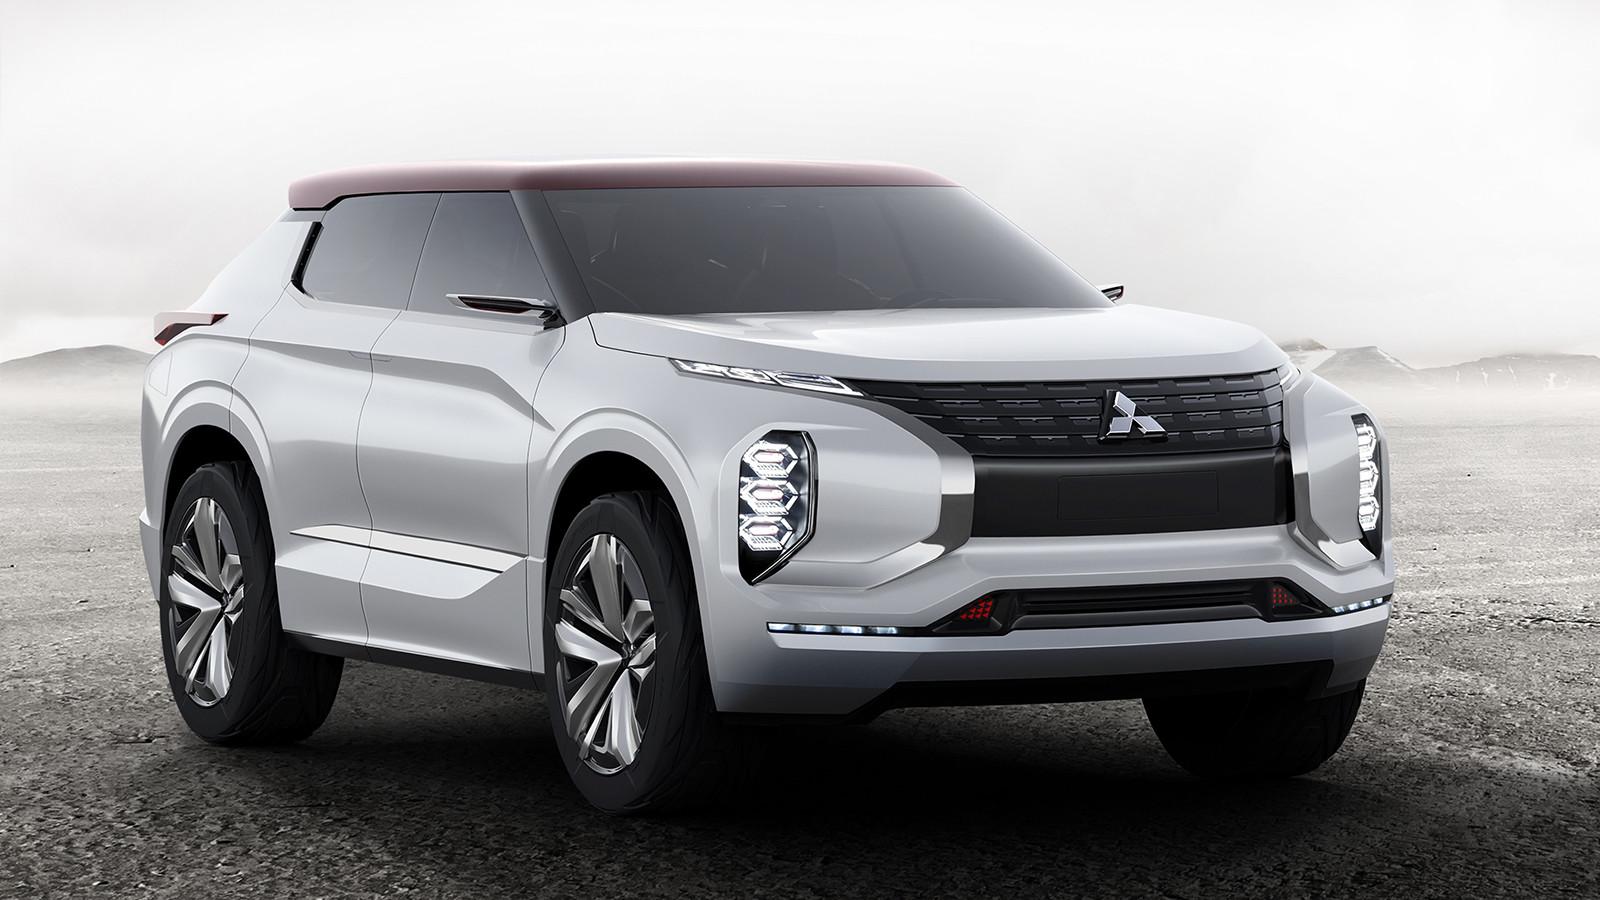 Концептуальный кроссовер Митсубиши GT-PHEV Concept рассекречен официально